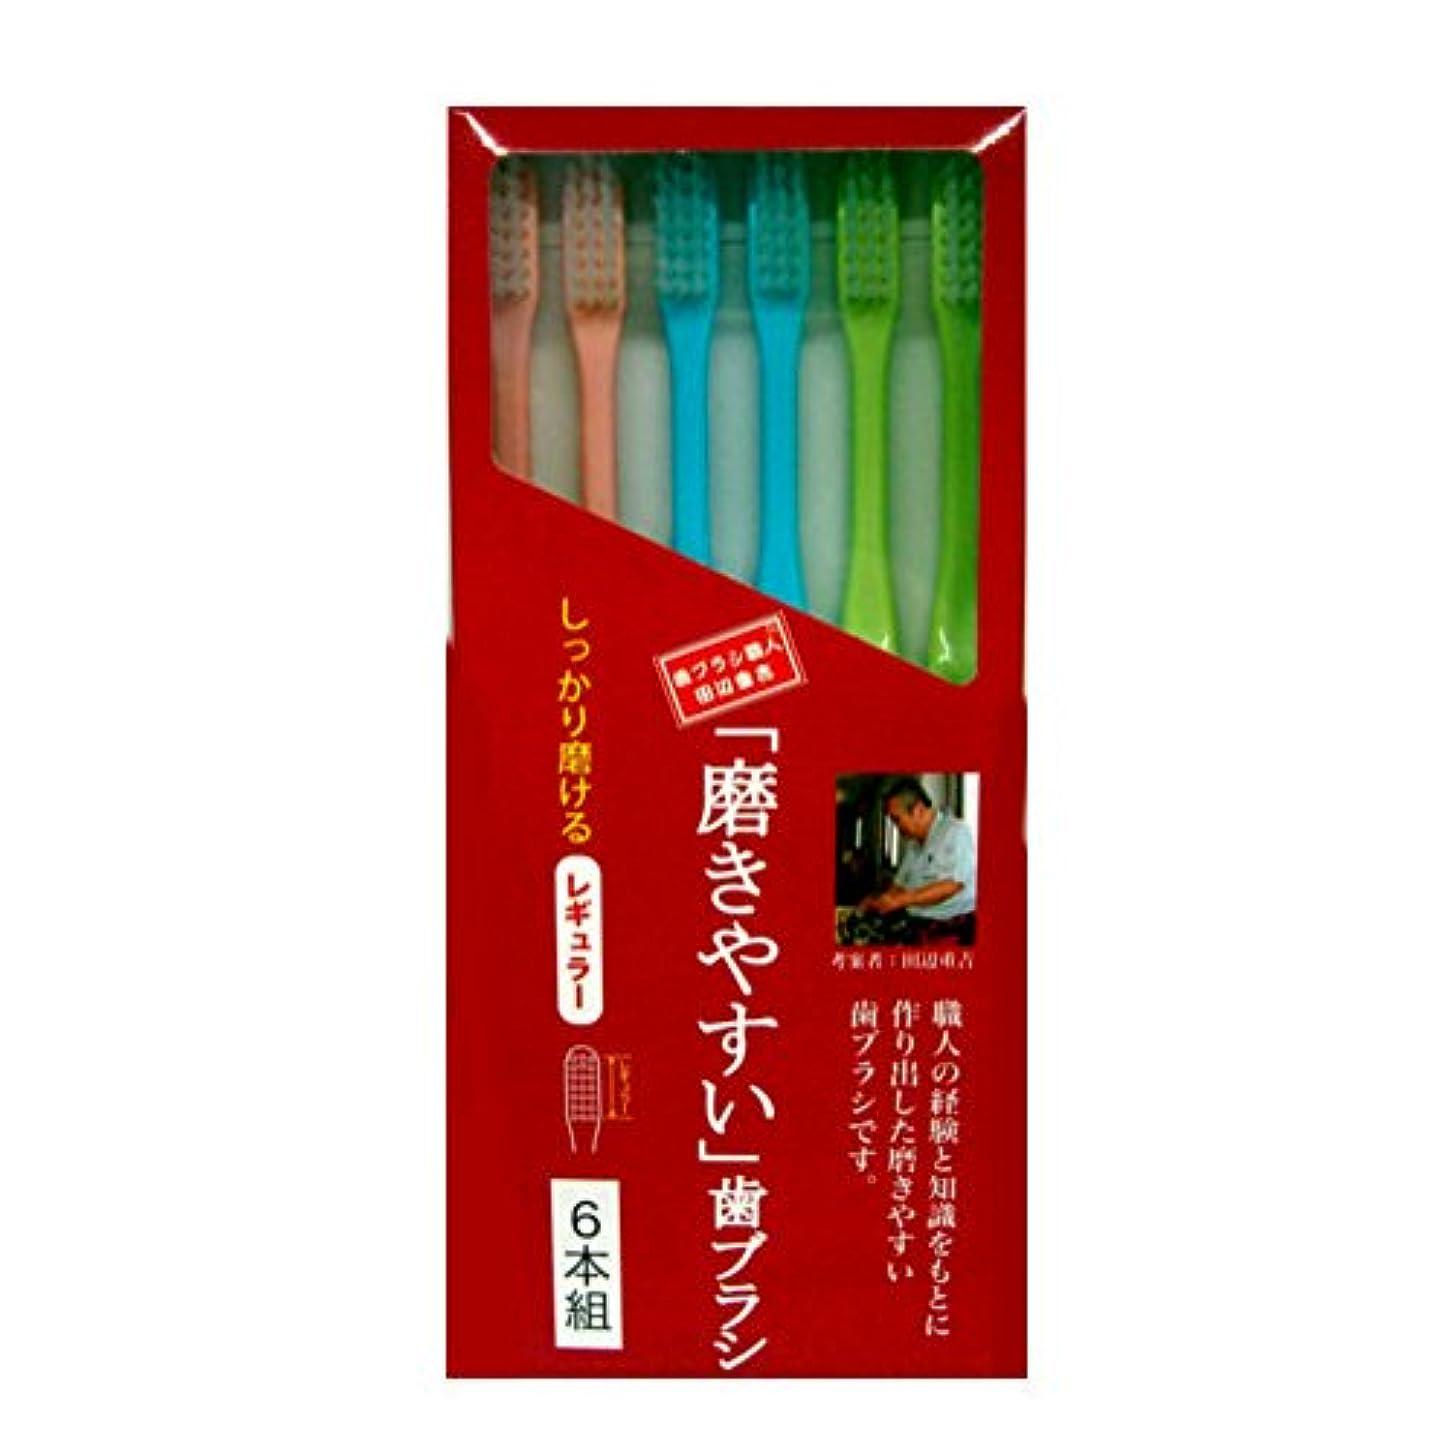 栄光勘違いする均等に磨きやすい歯ブラシ 6本組 レギュラータイプ